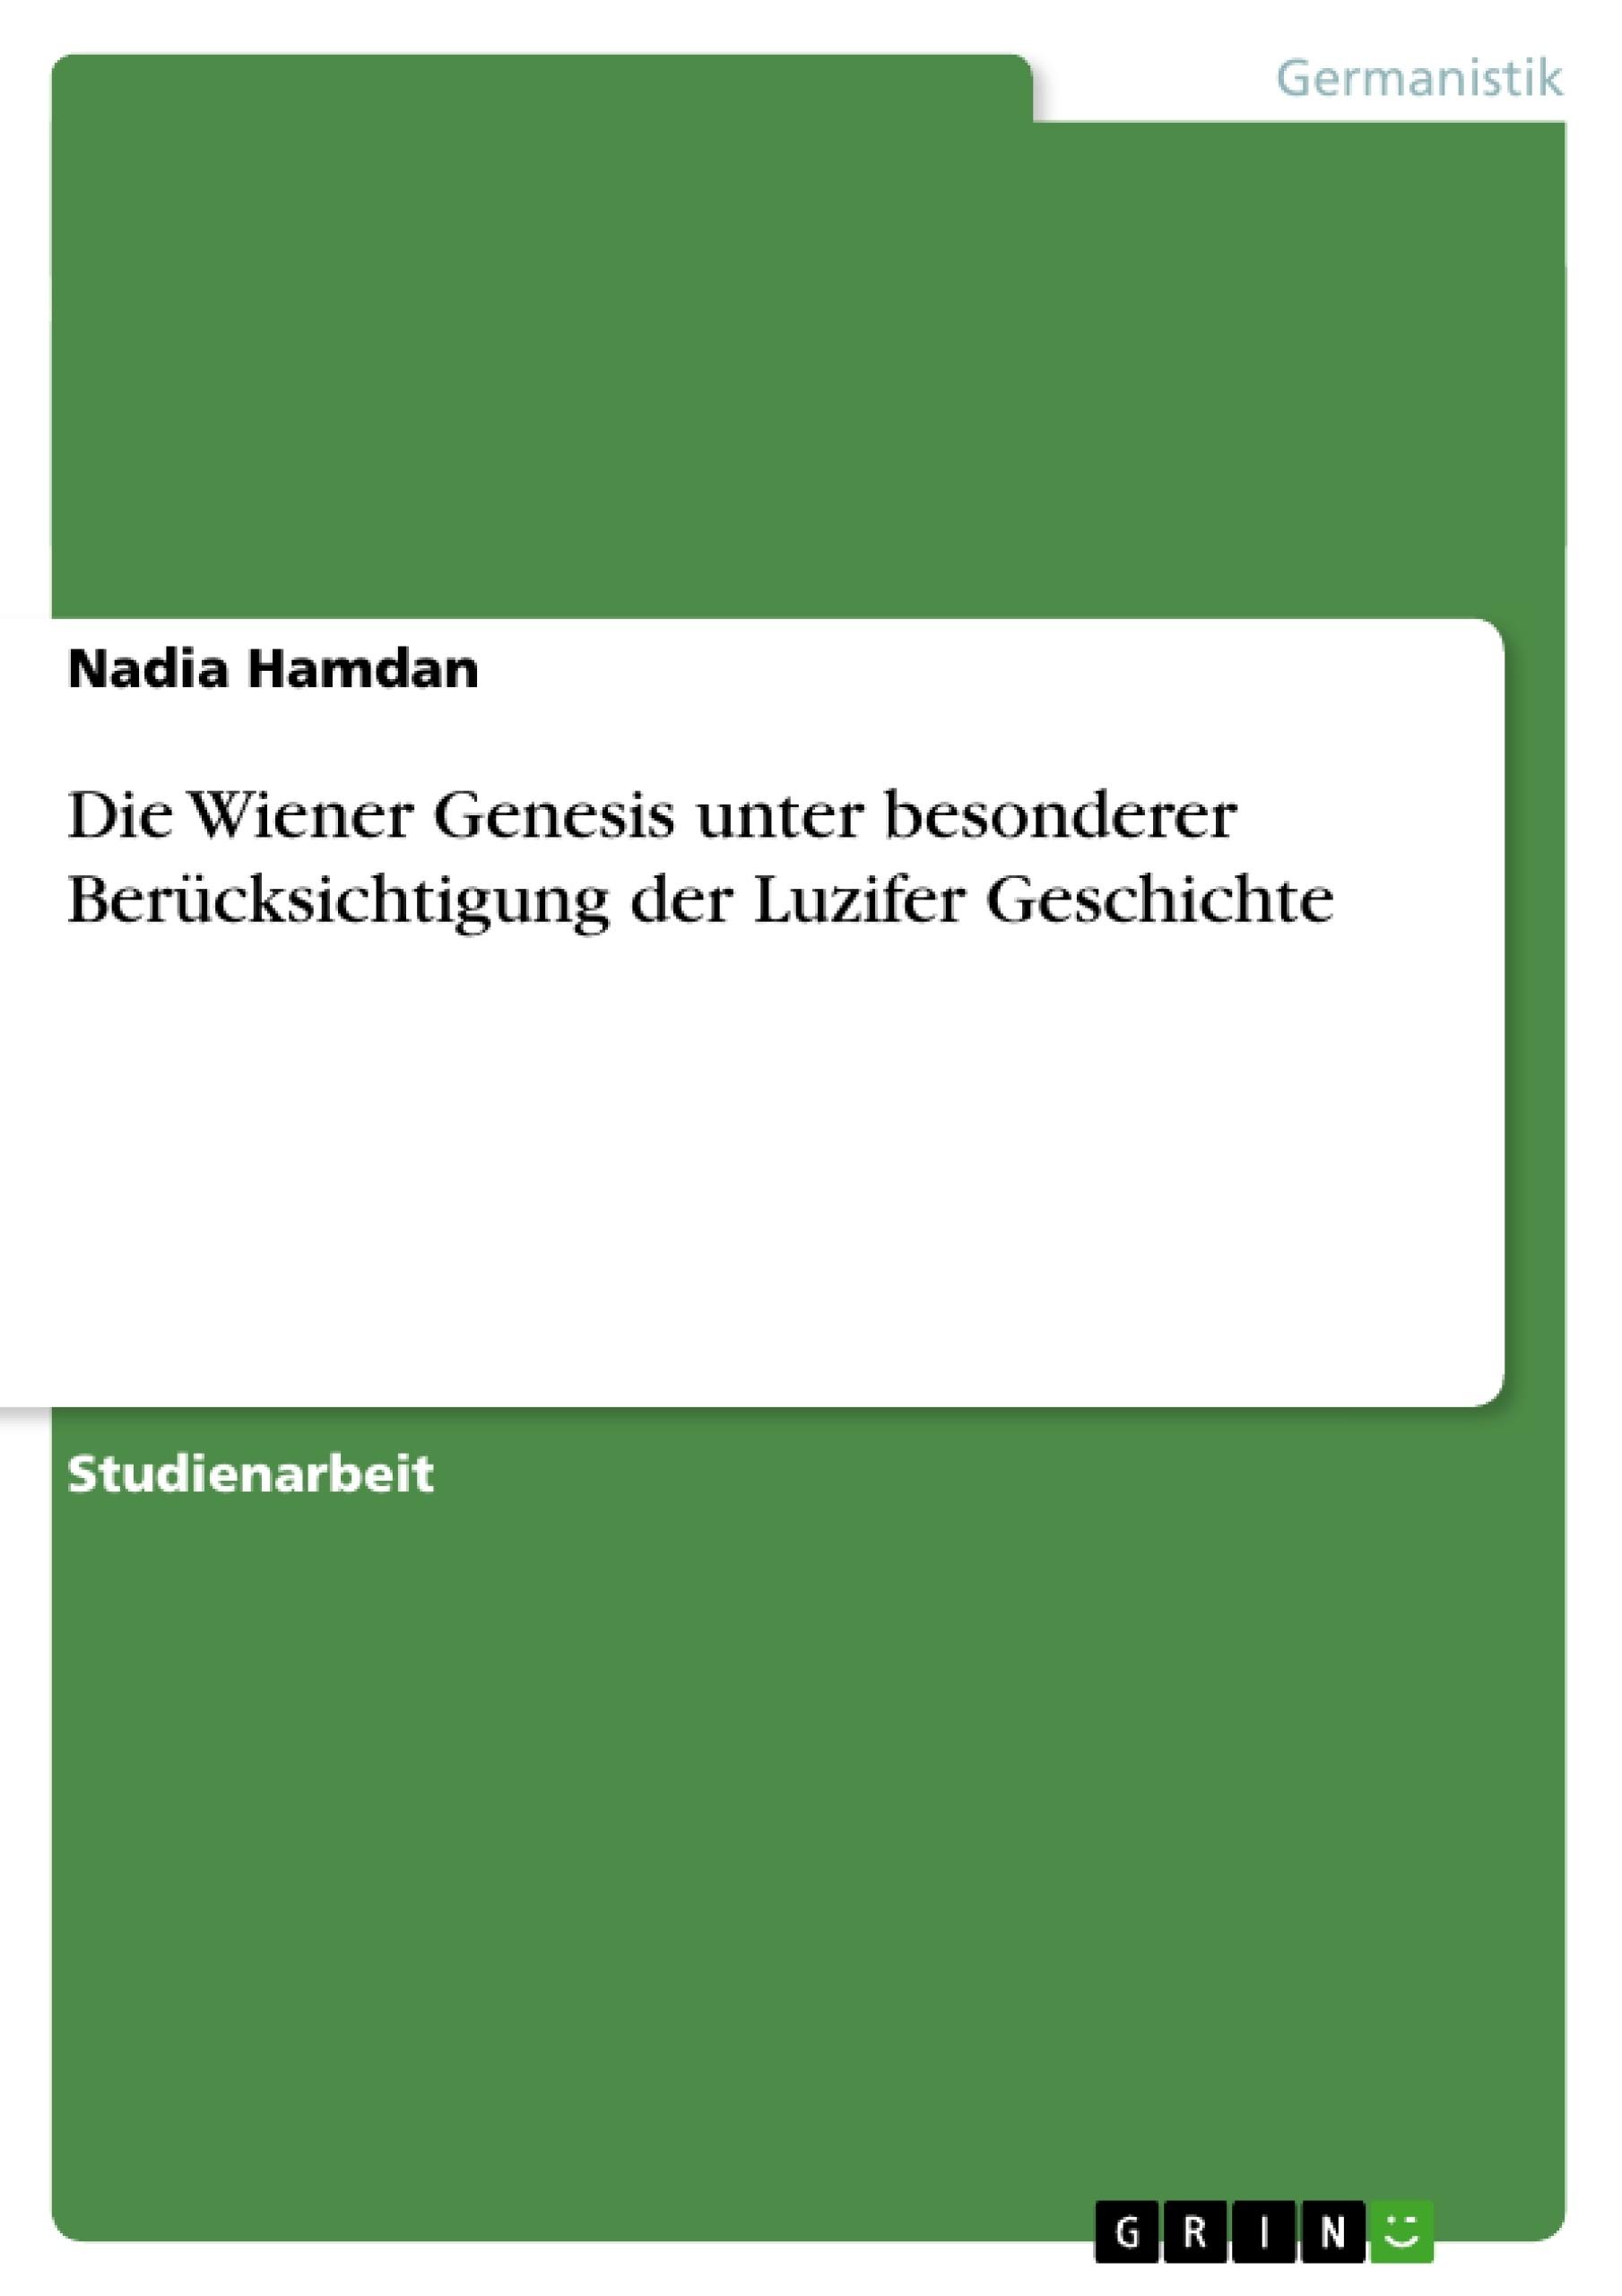 Titel: Die Wiener Genesis unter besonderer Berücksichtigung der Luzifer Geschichte